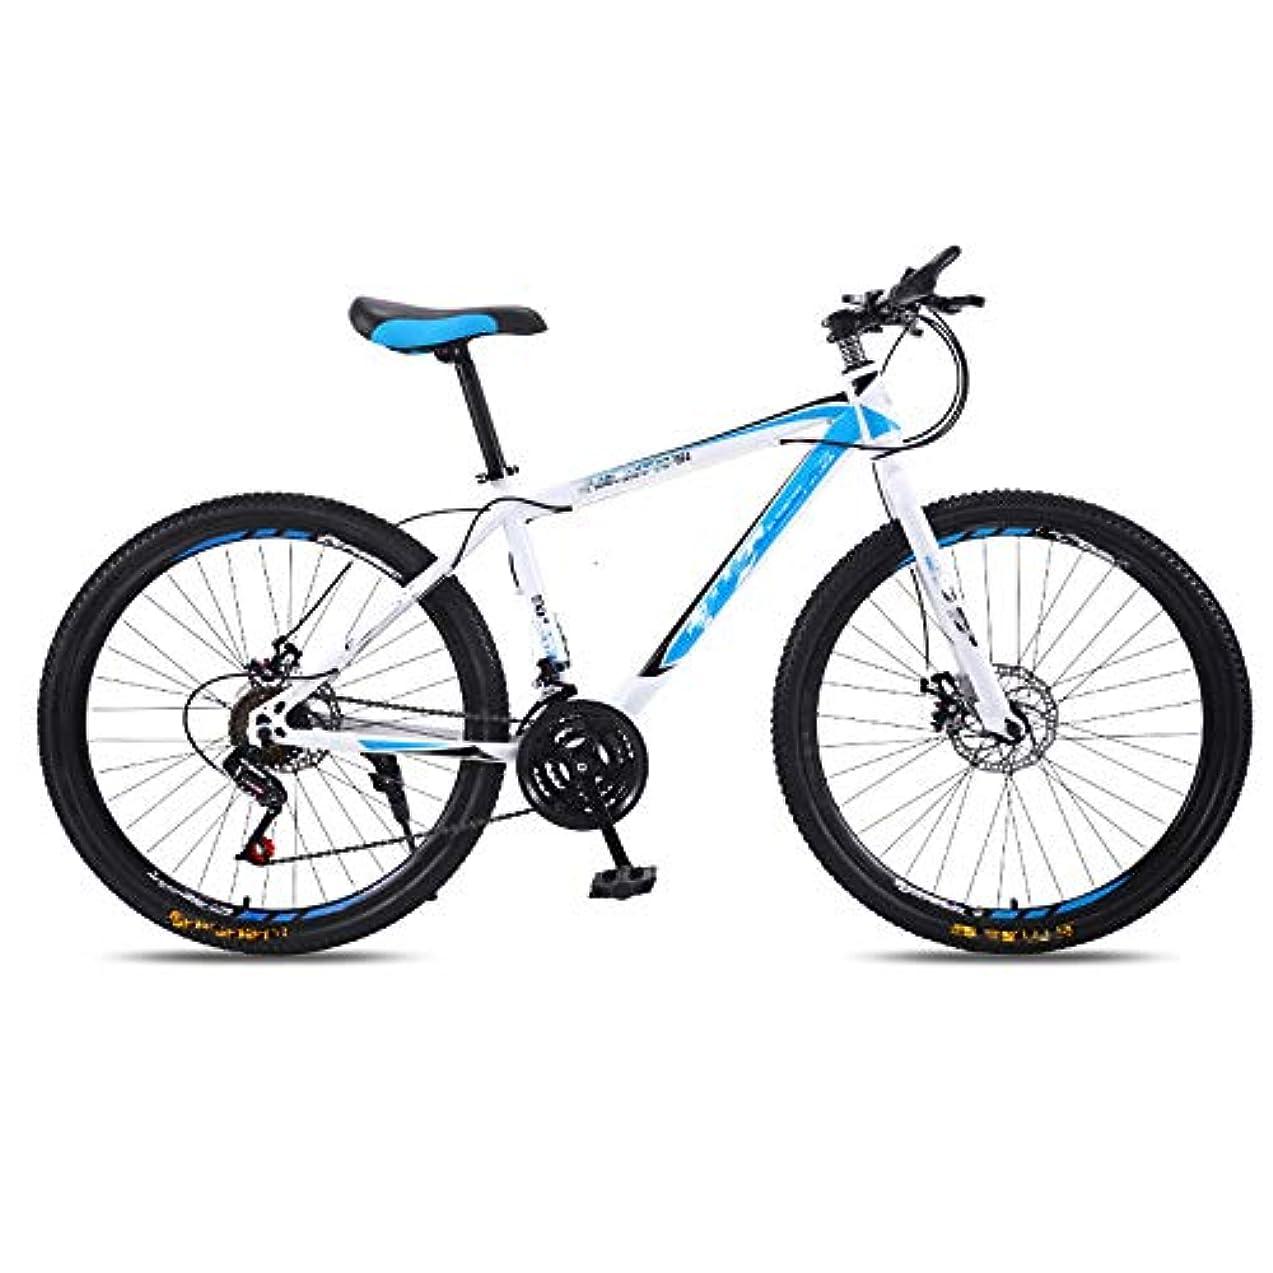 気味の悪いキリスト教東ティモール大人の自転車、可変速自転車、27-スピード_24インチと26インチ、ダブルディスクブレーキレース、オフロード衝撃吸収、ハイエンドバージョン,White blue,26 inches